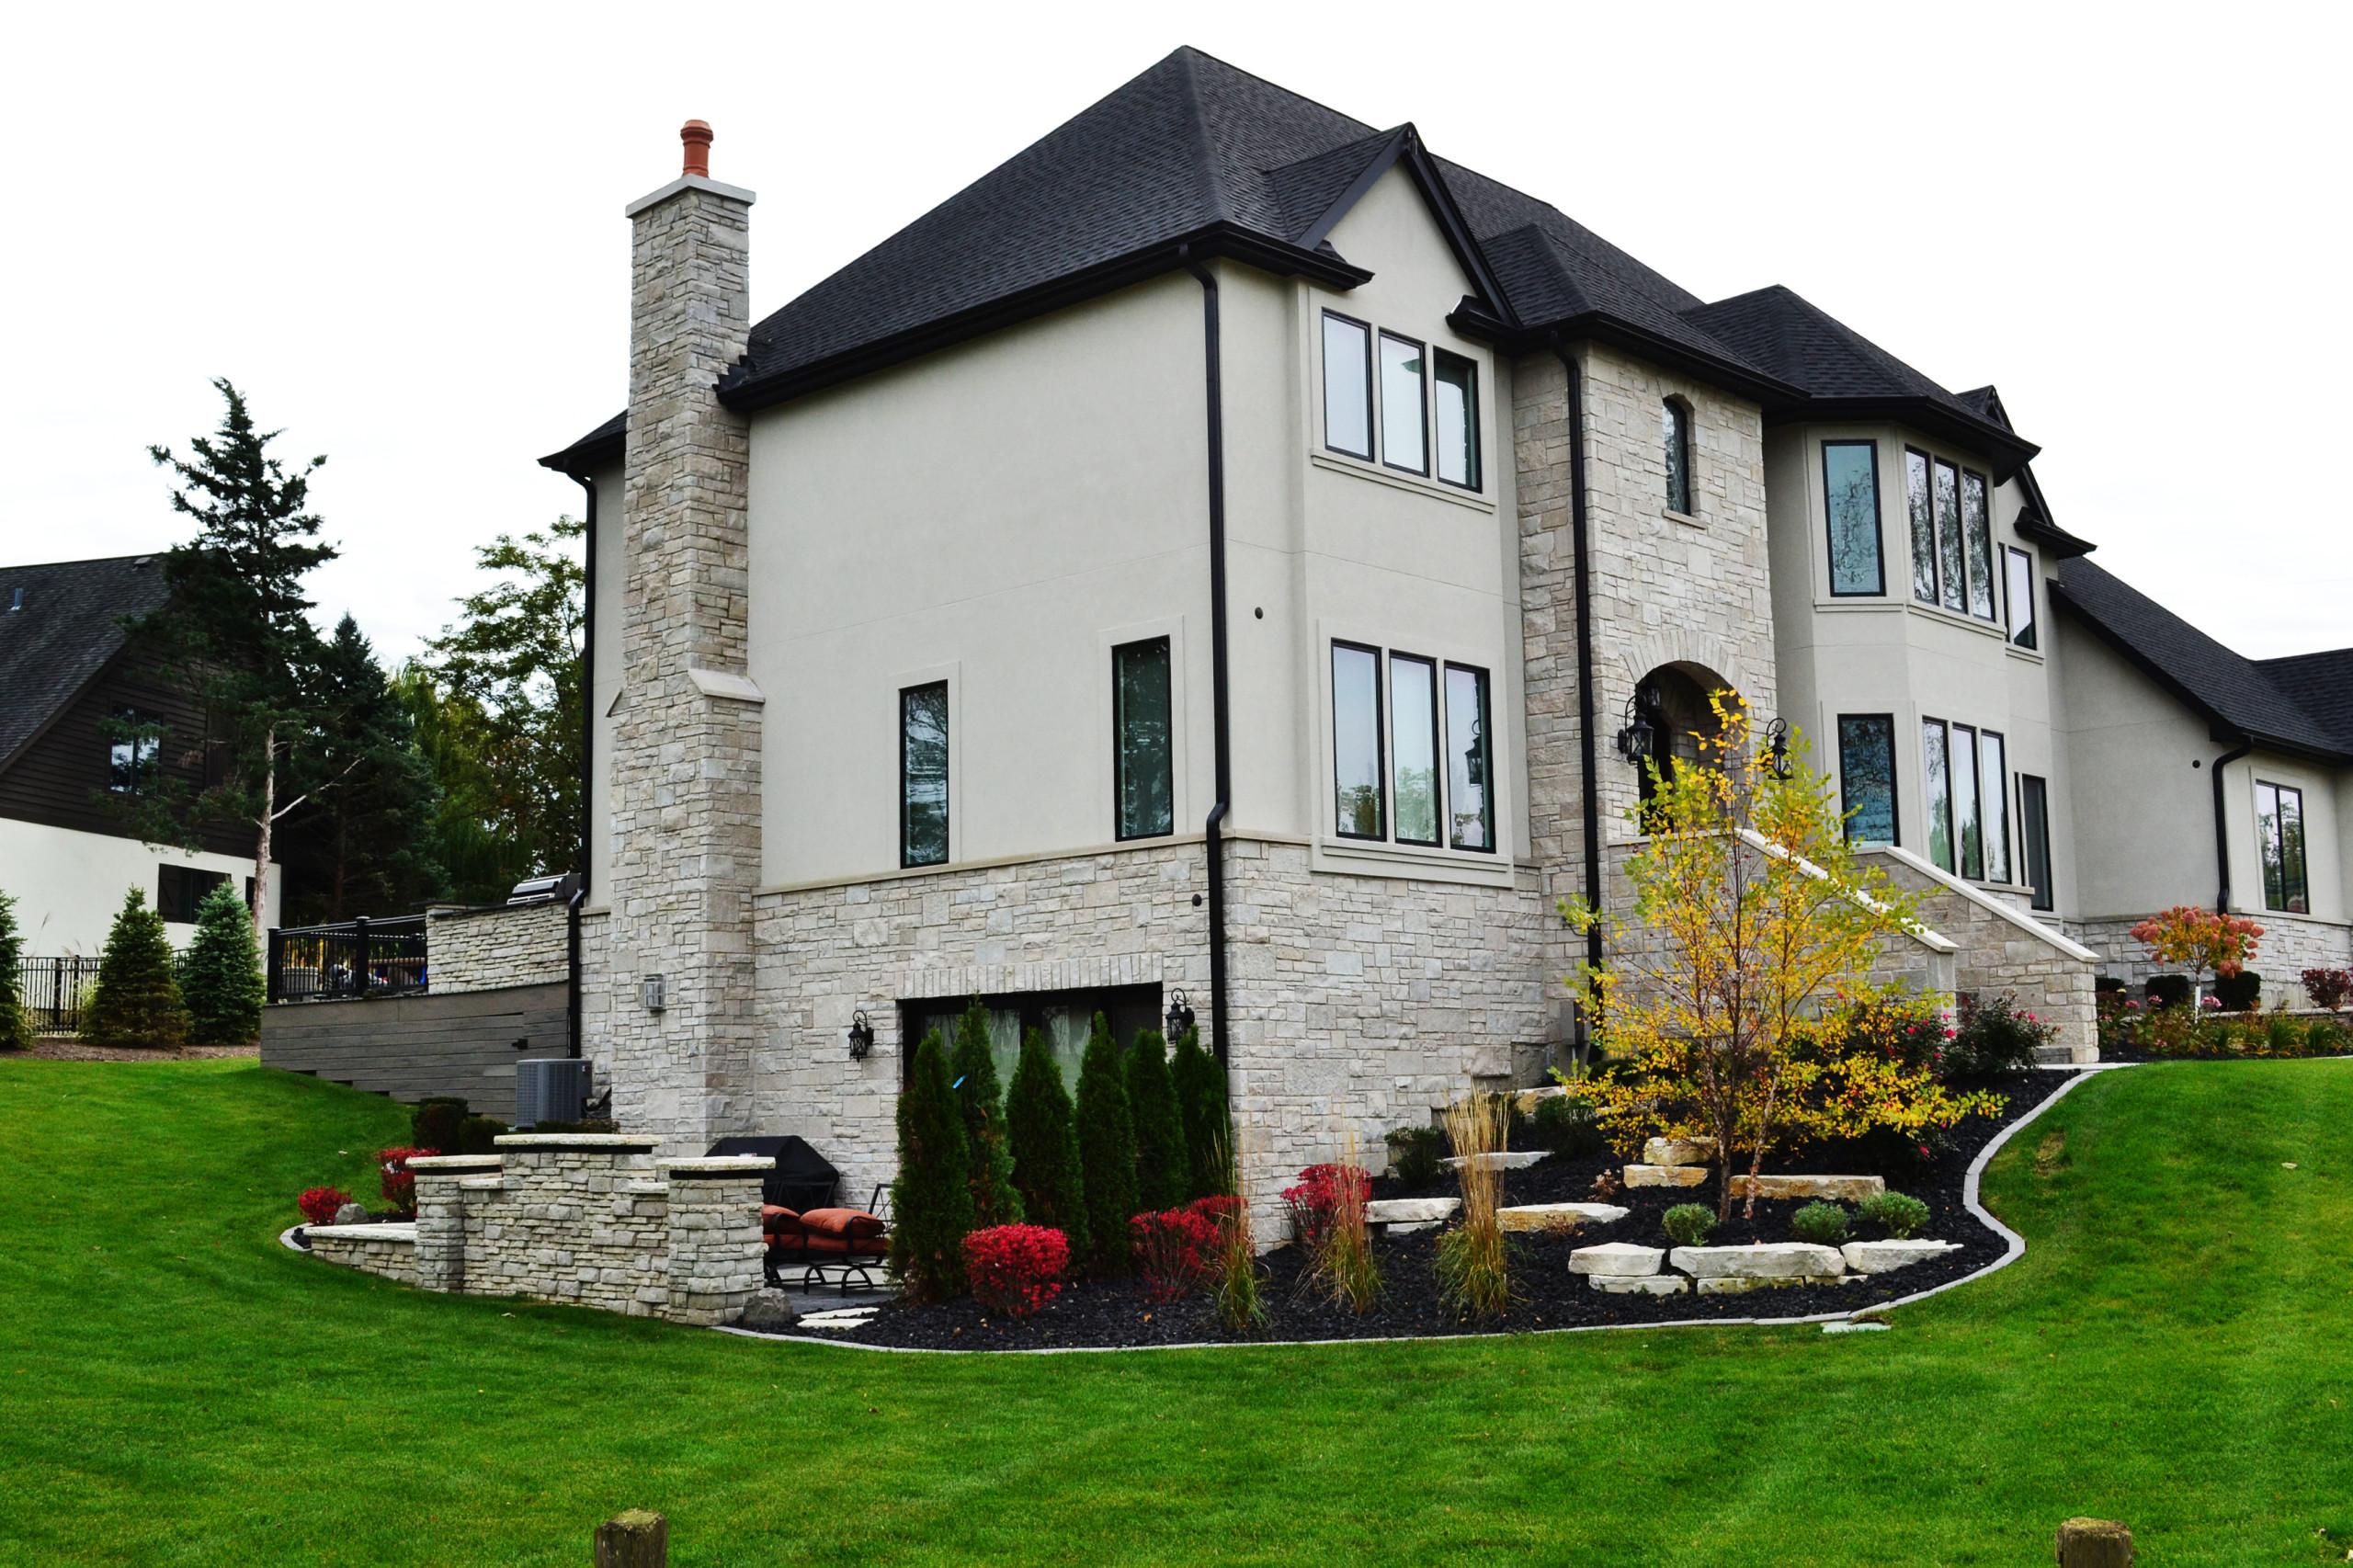 Burr Ridge - New Residence 2